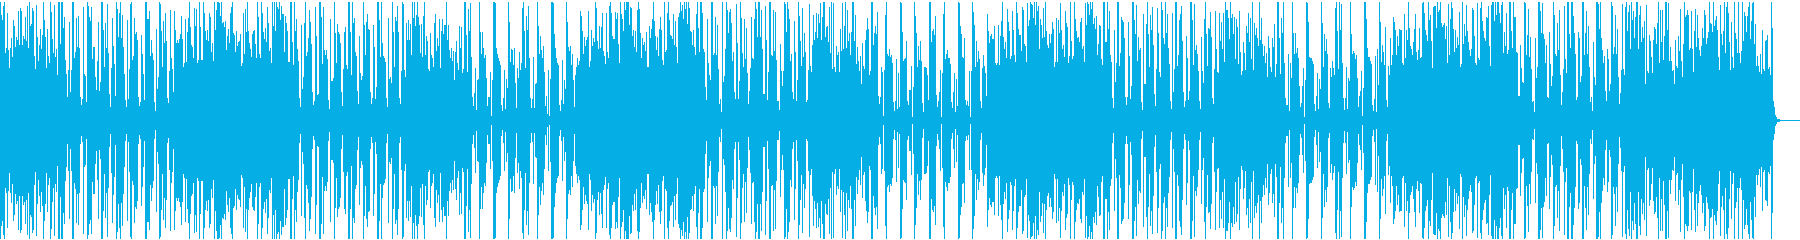 ゆったりコミカル/静かめ/イントロ8秒の再生済みの波形